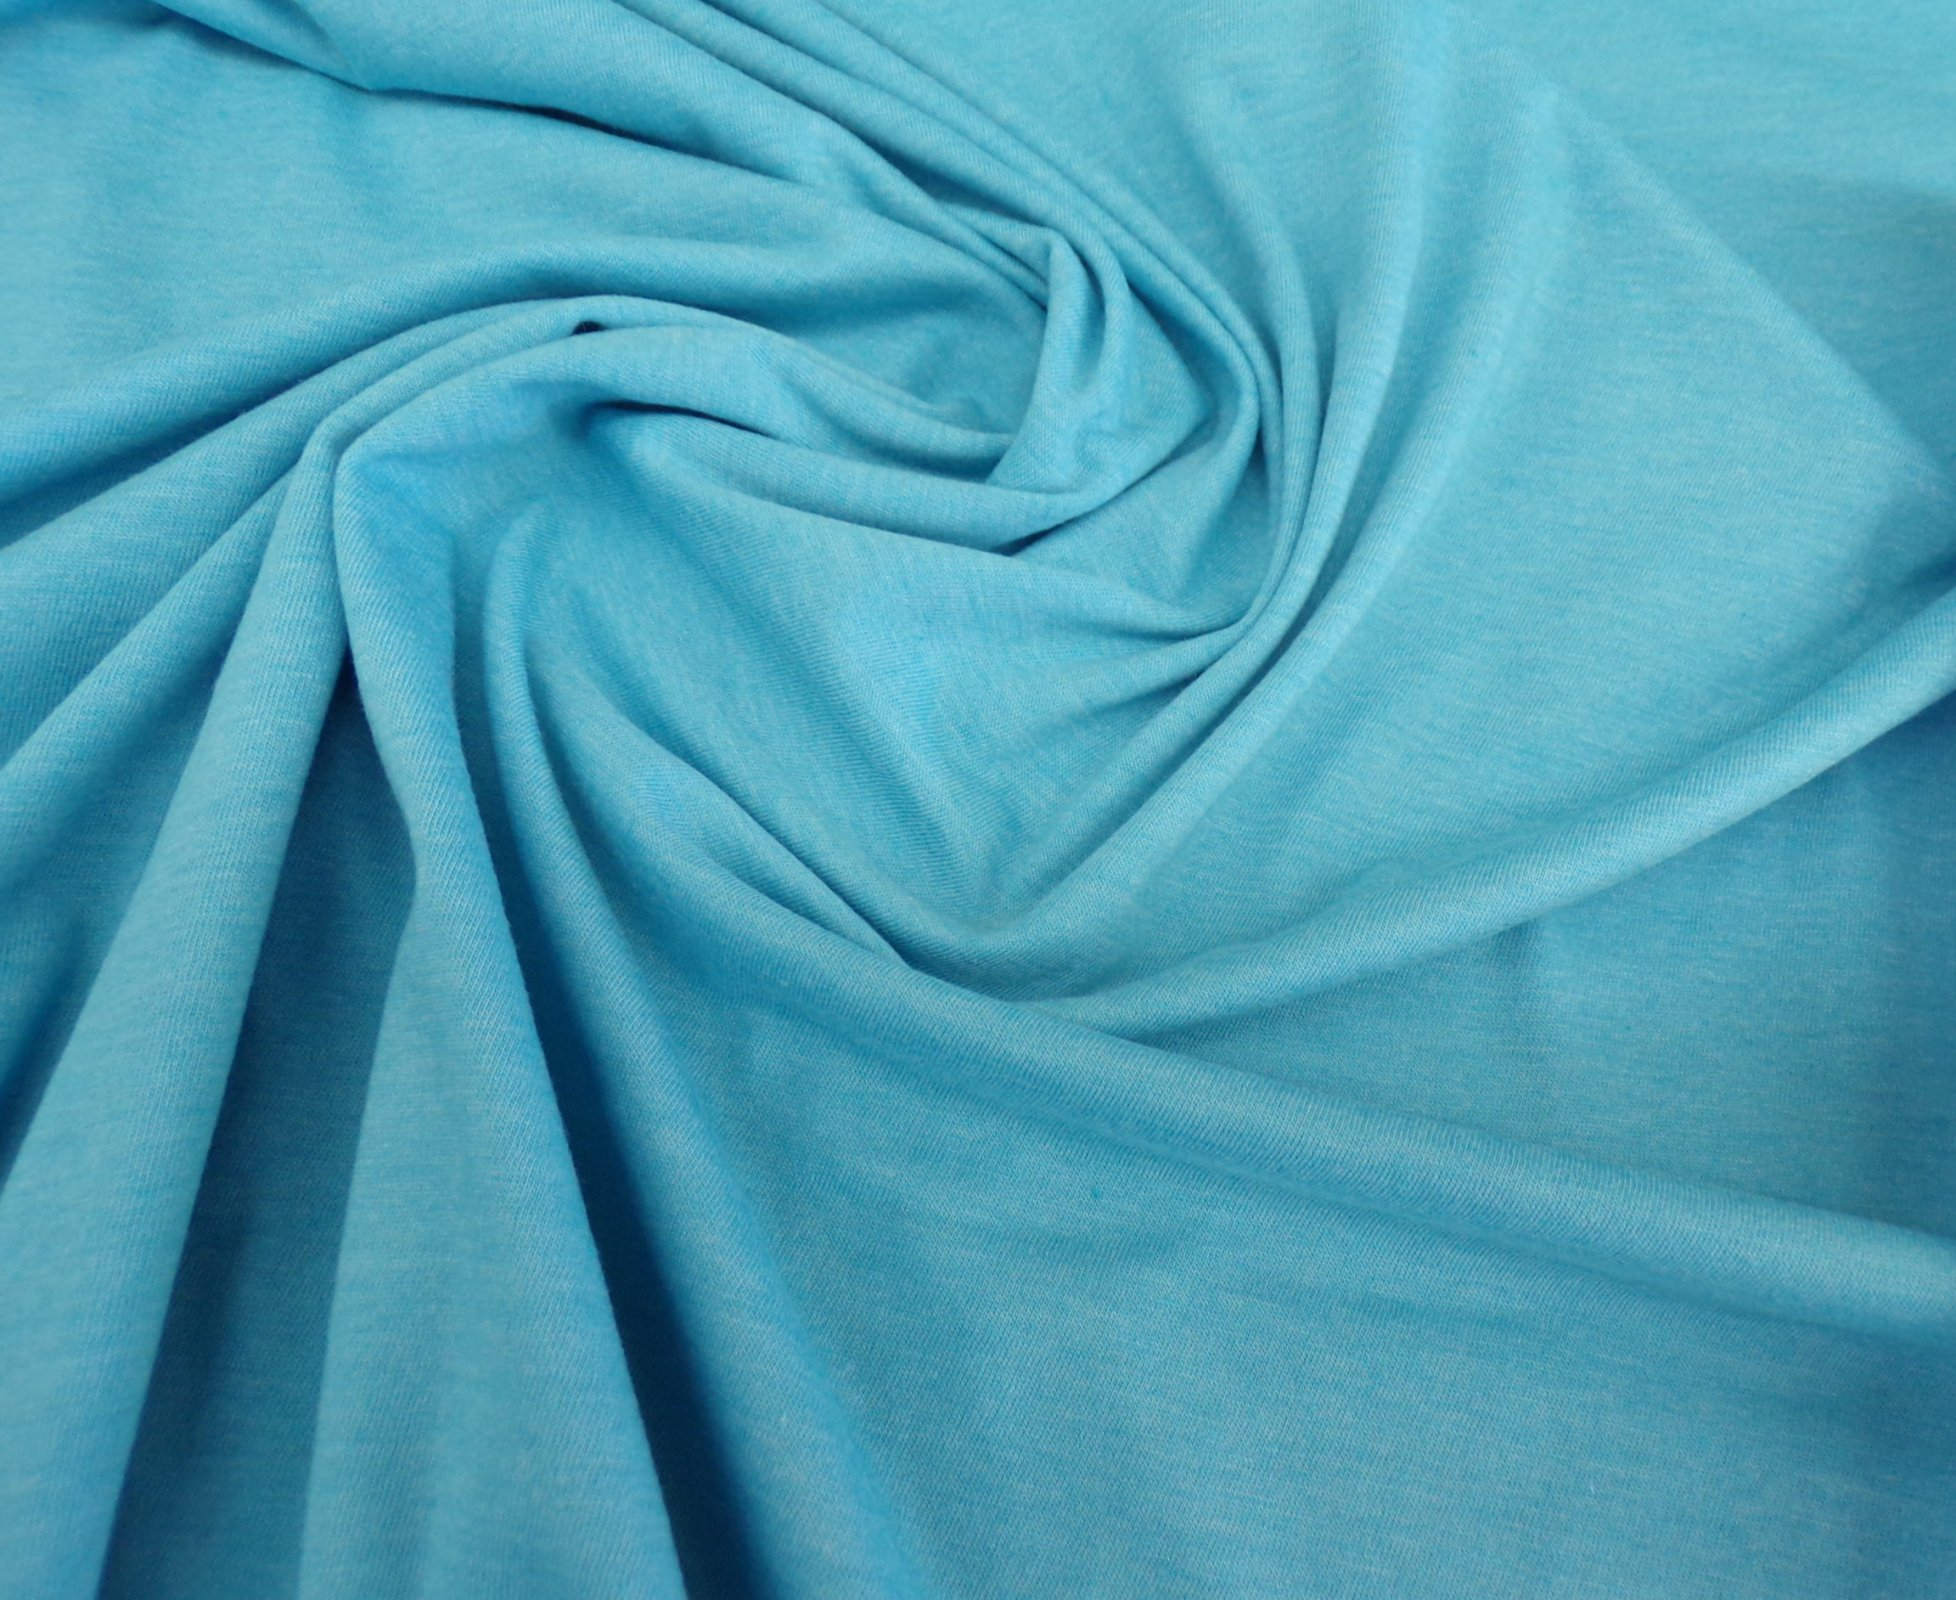 Jersey - Sky Blue